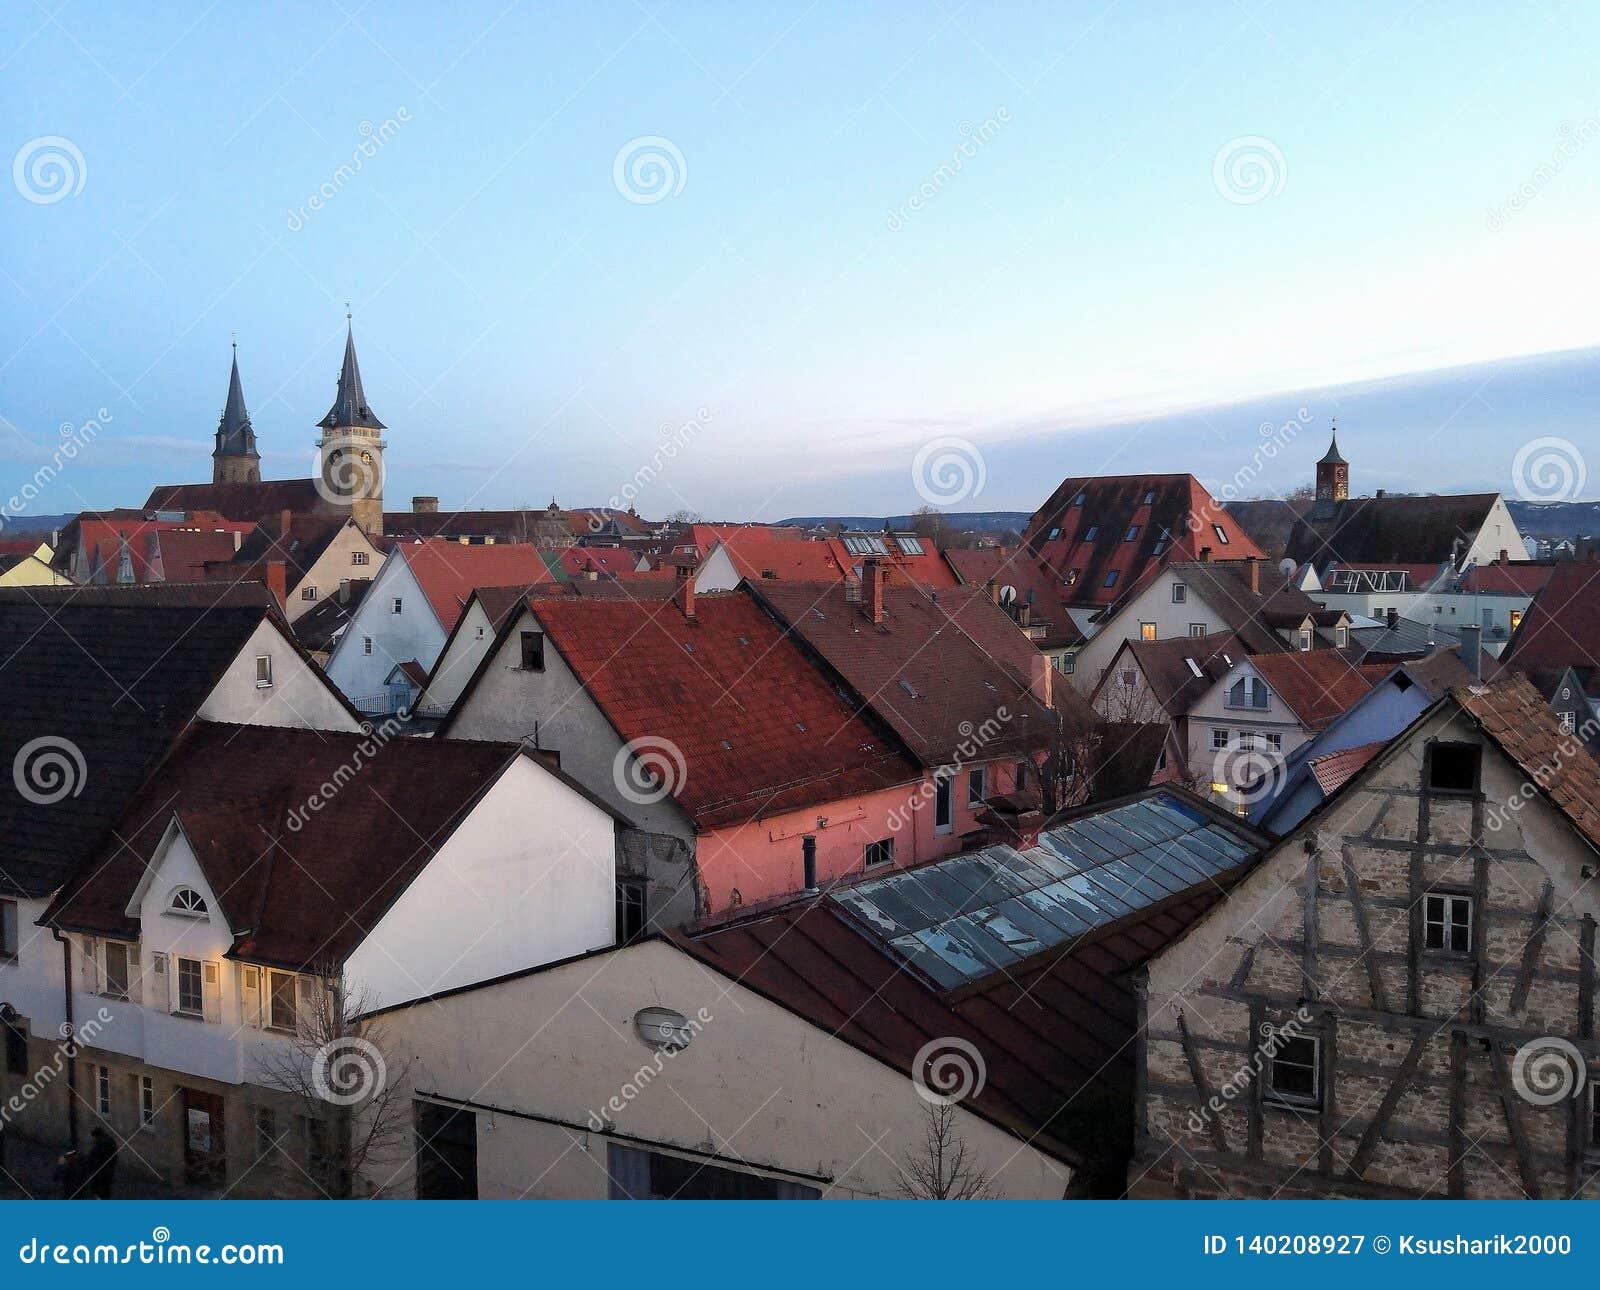 Toits de la ville allemande égalisante